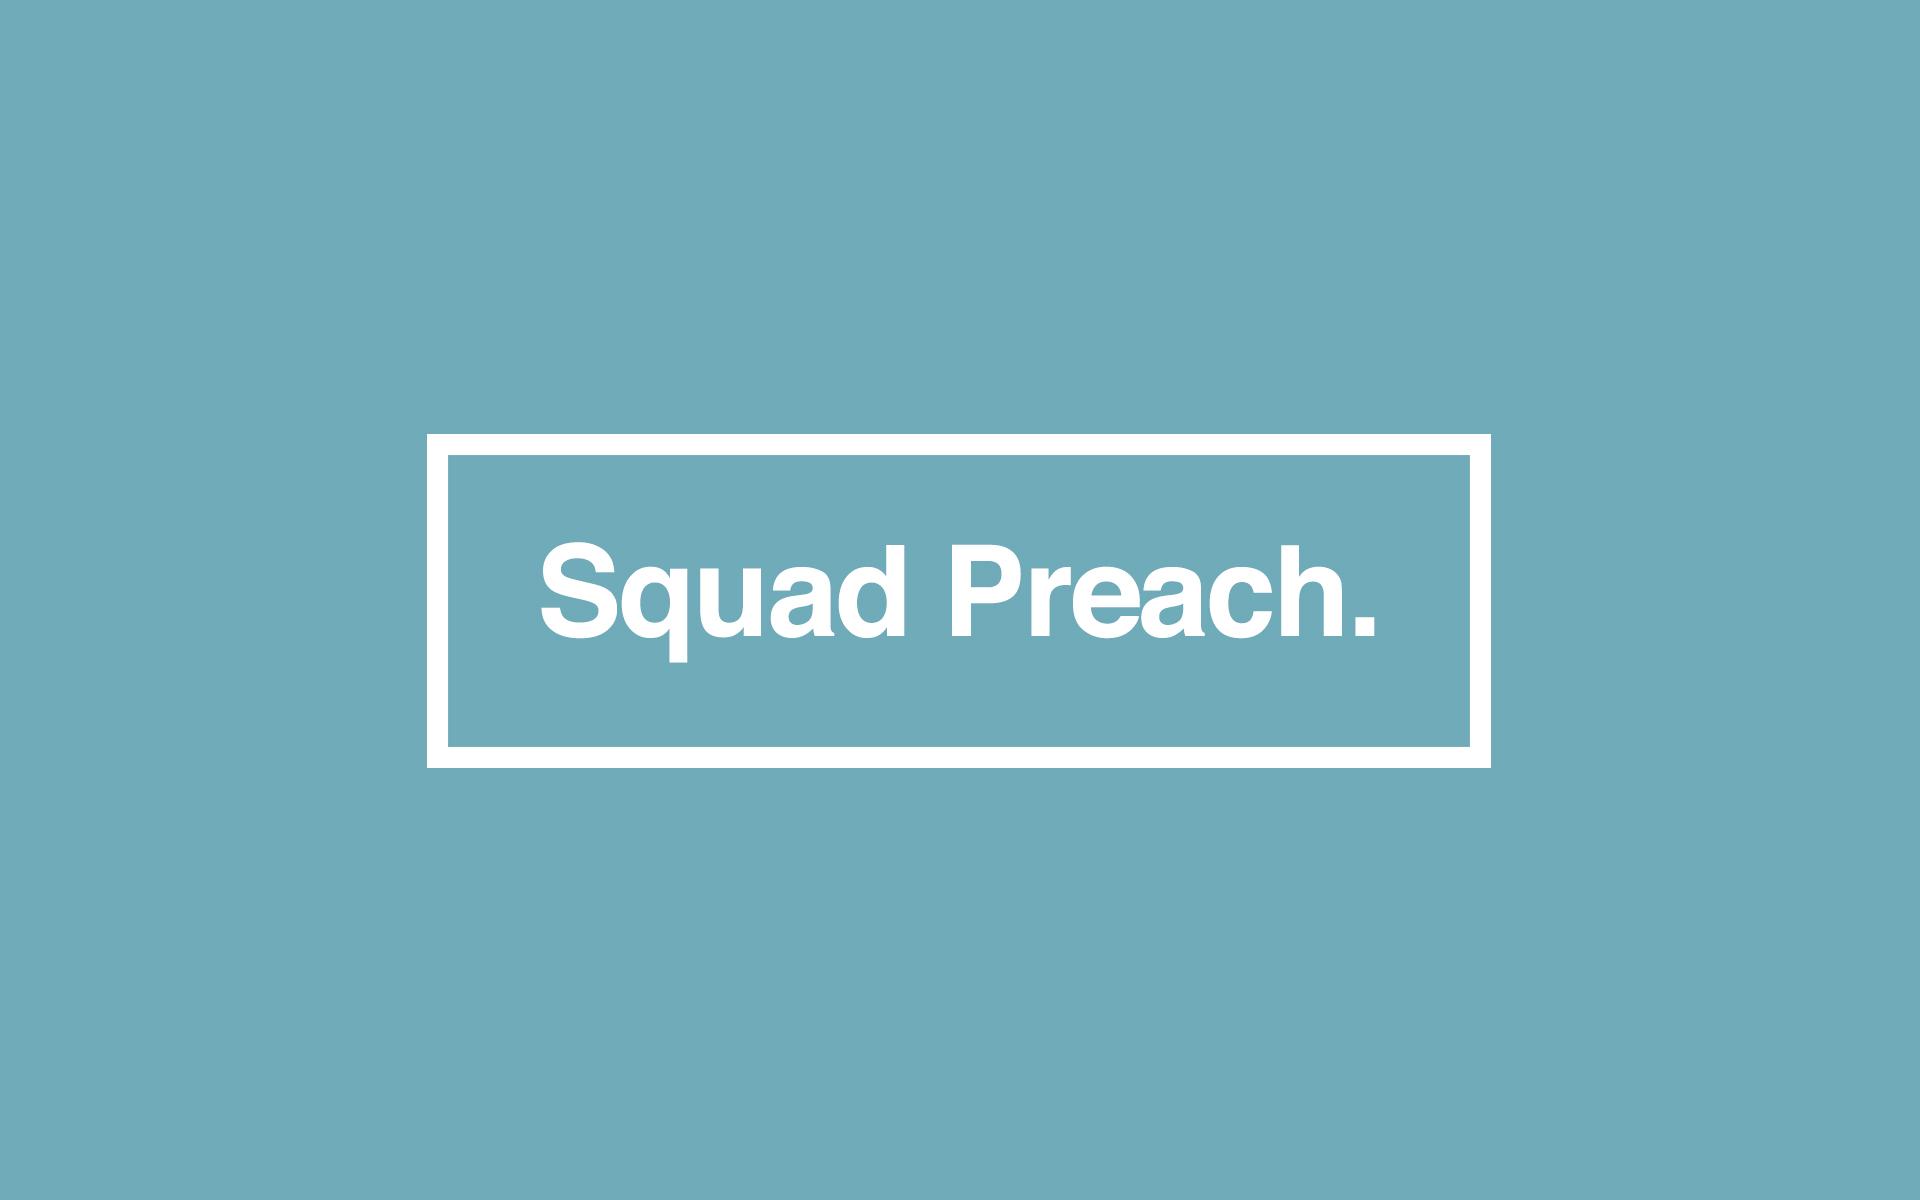 Squad Preach.jpg